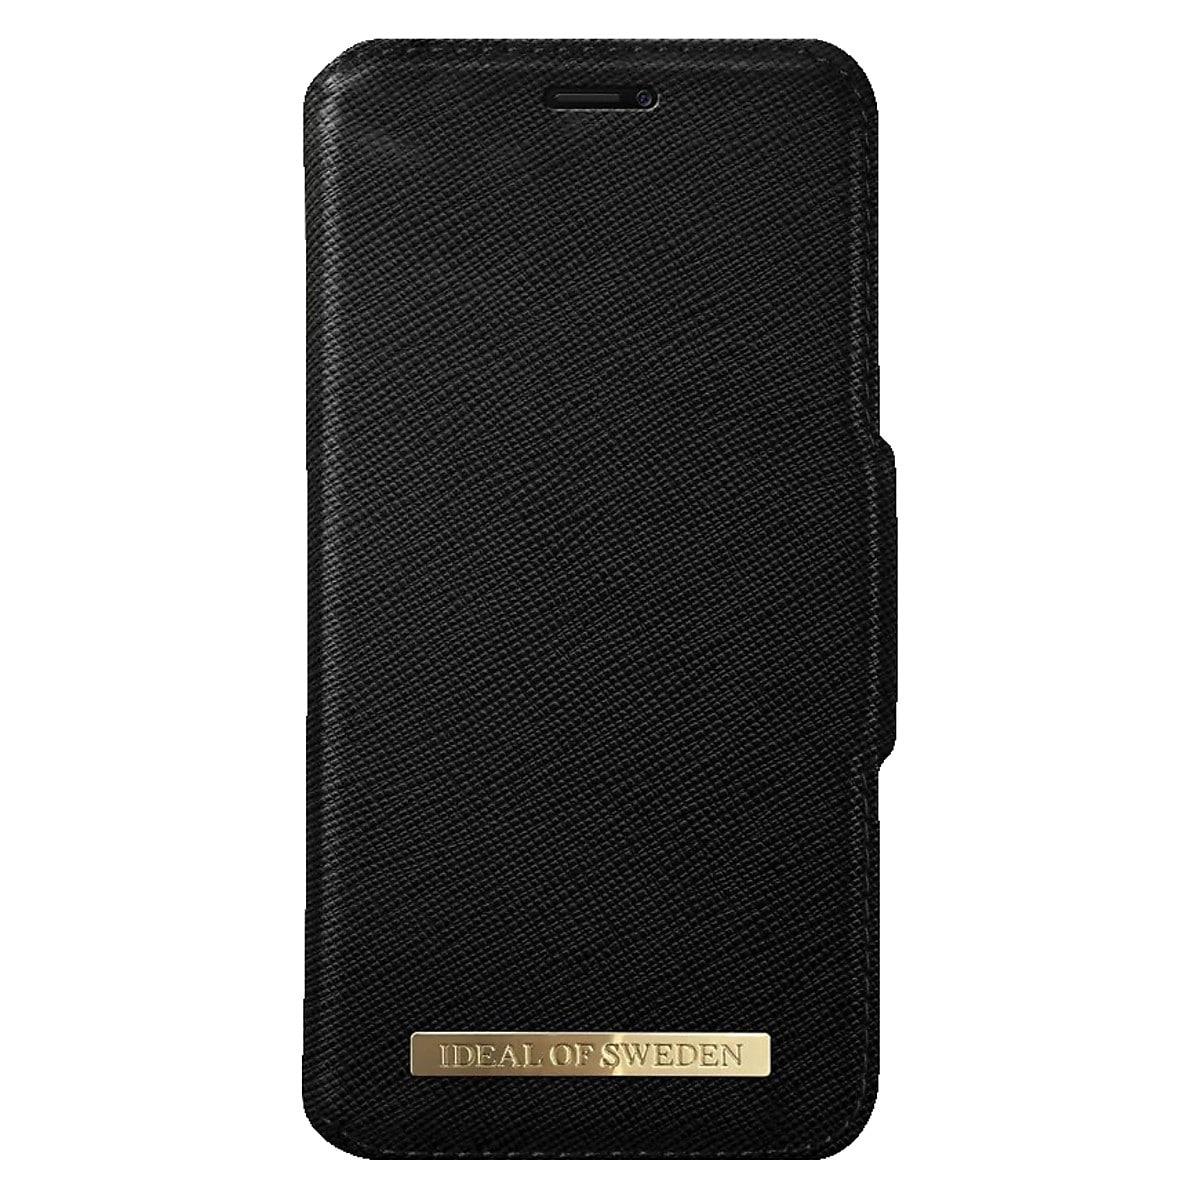 Plånboksfodral för iPhone XR